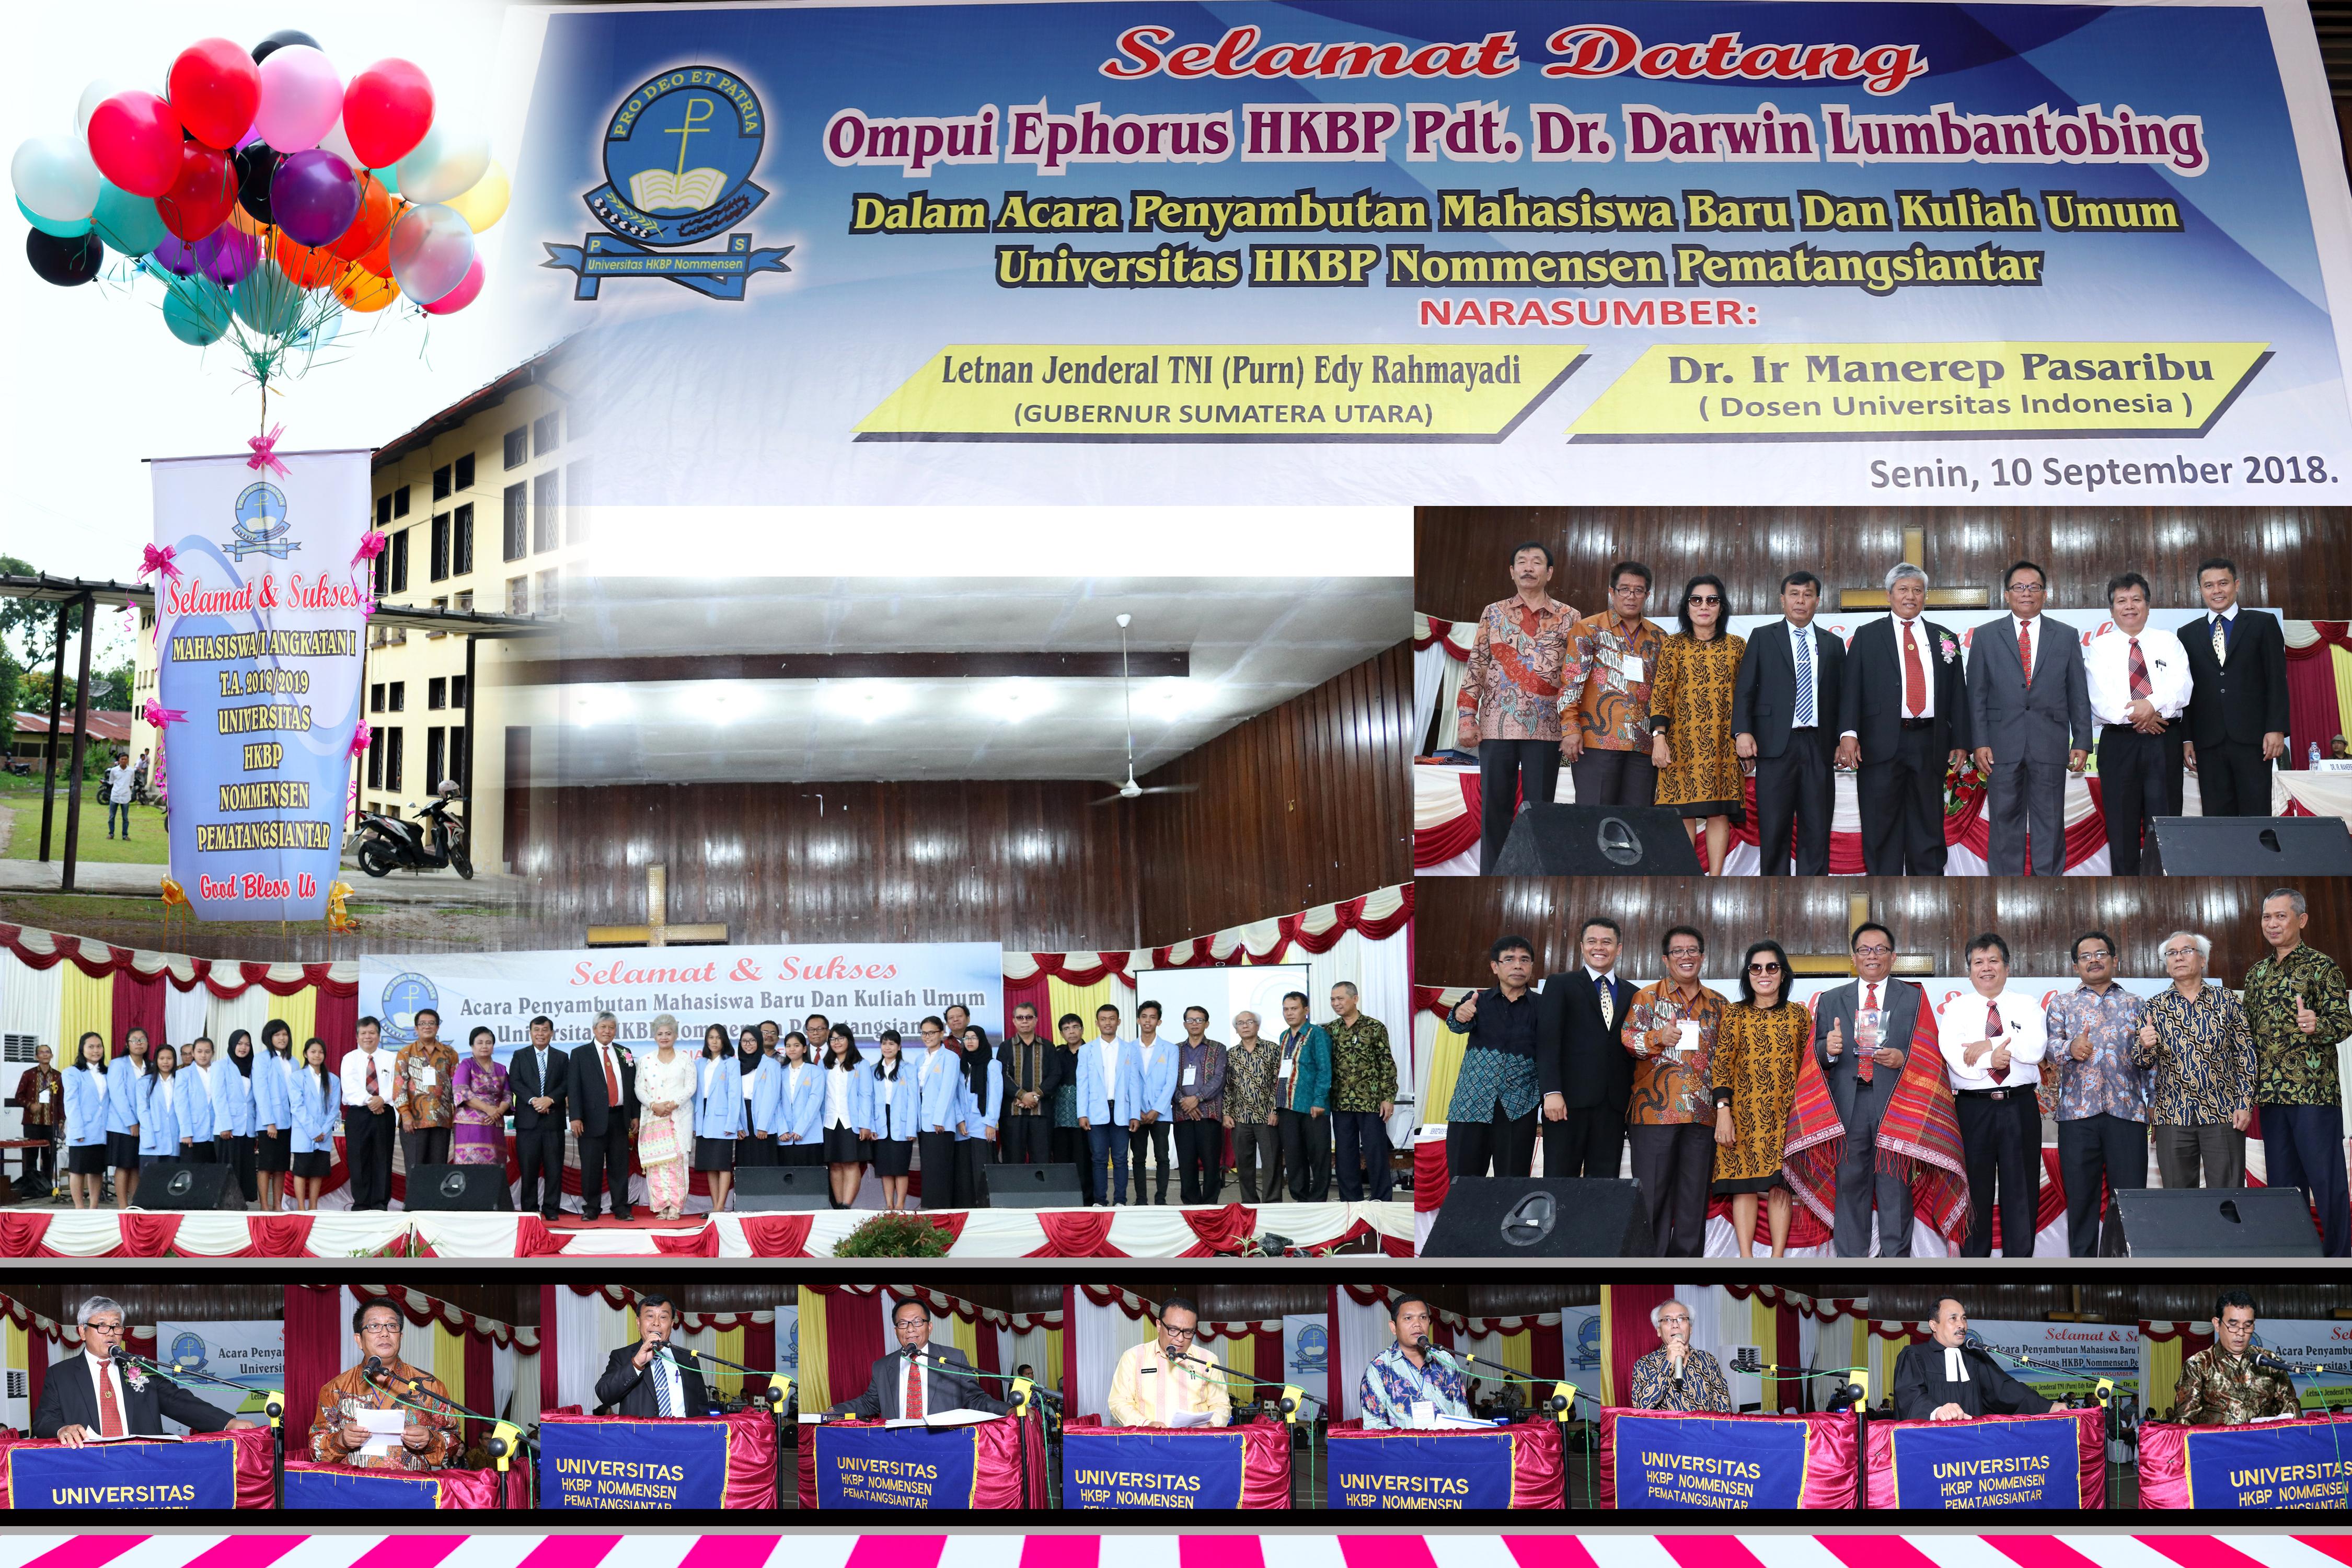 Acara Penyambutan Mahasiswa Baru T.A. 2018/2019 dan Kuliah Umum di Universitas HKBP Nommensen Pematangsiantar